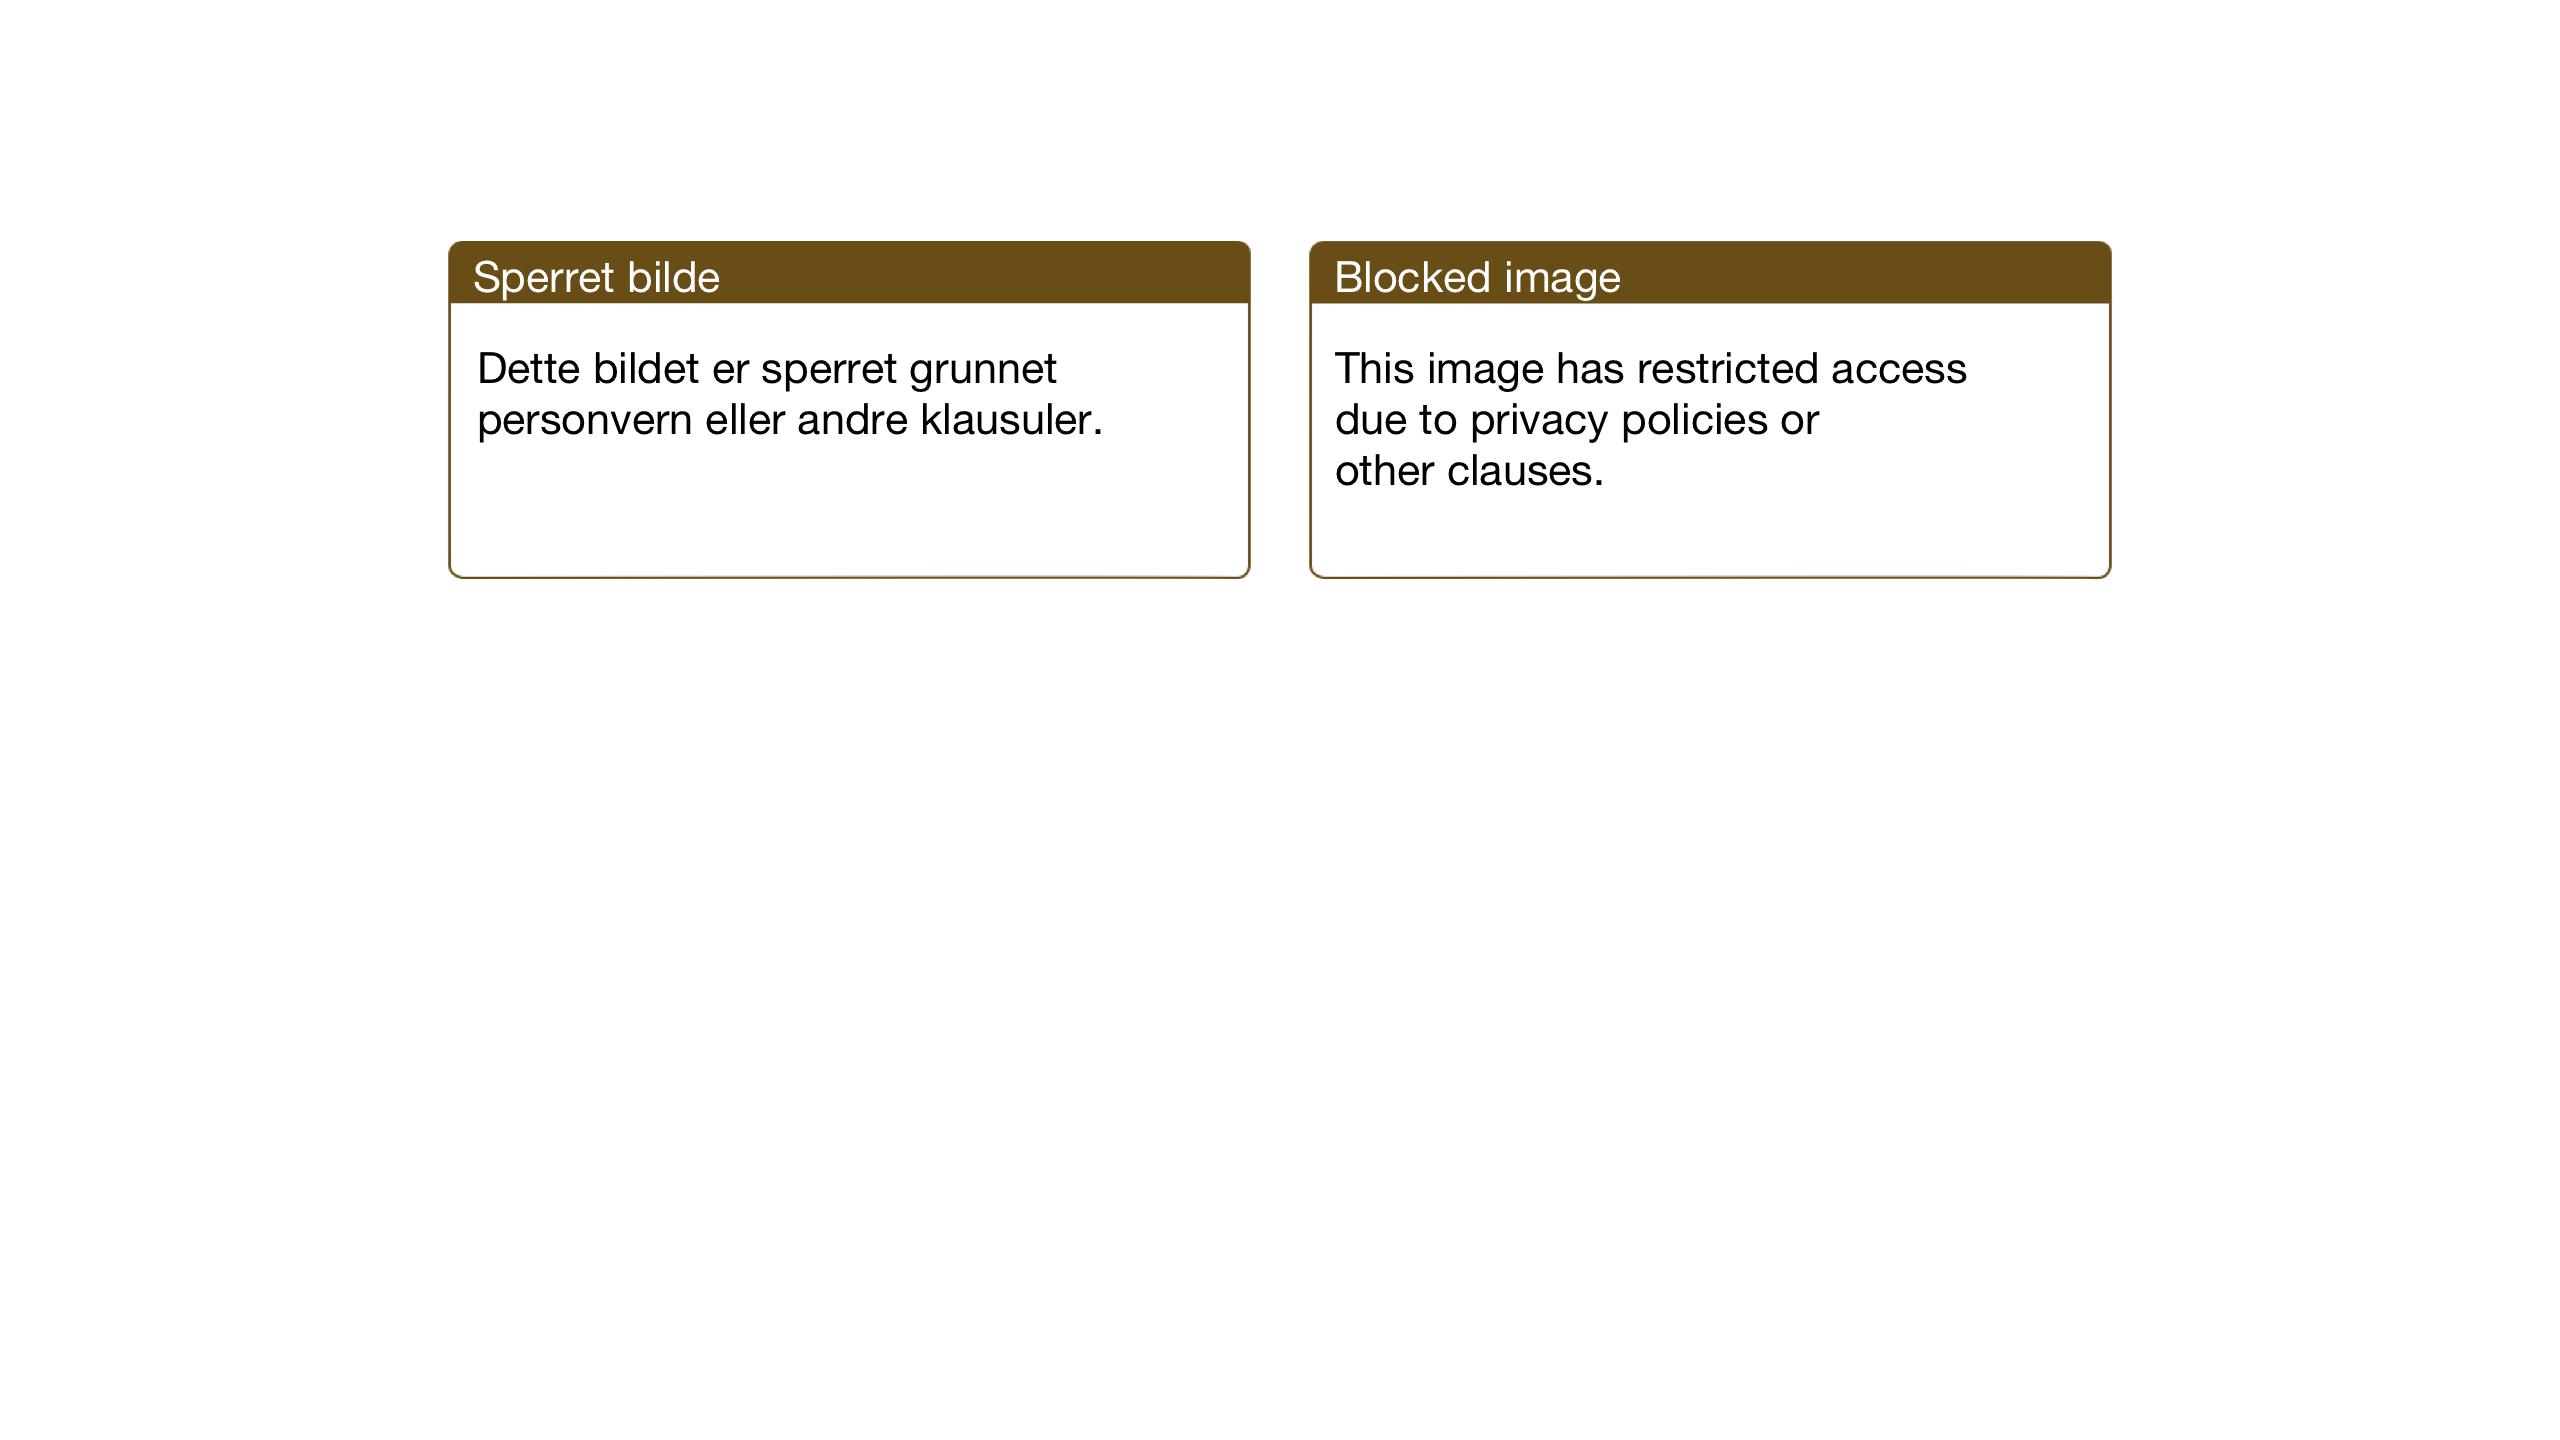 SAT, Ministerialprotokoller, klokkerbøker og fødselsregistre - Nord-Trøndelag, 773/L0625: Klokkerbok nr. 773C01, 1910-1952, s. 73